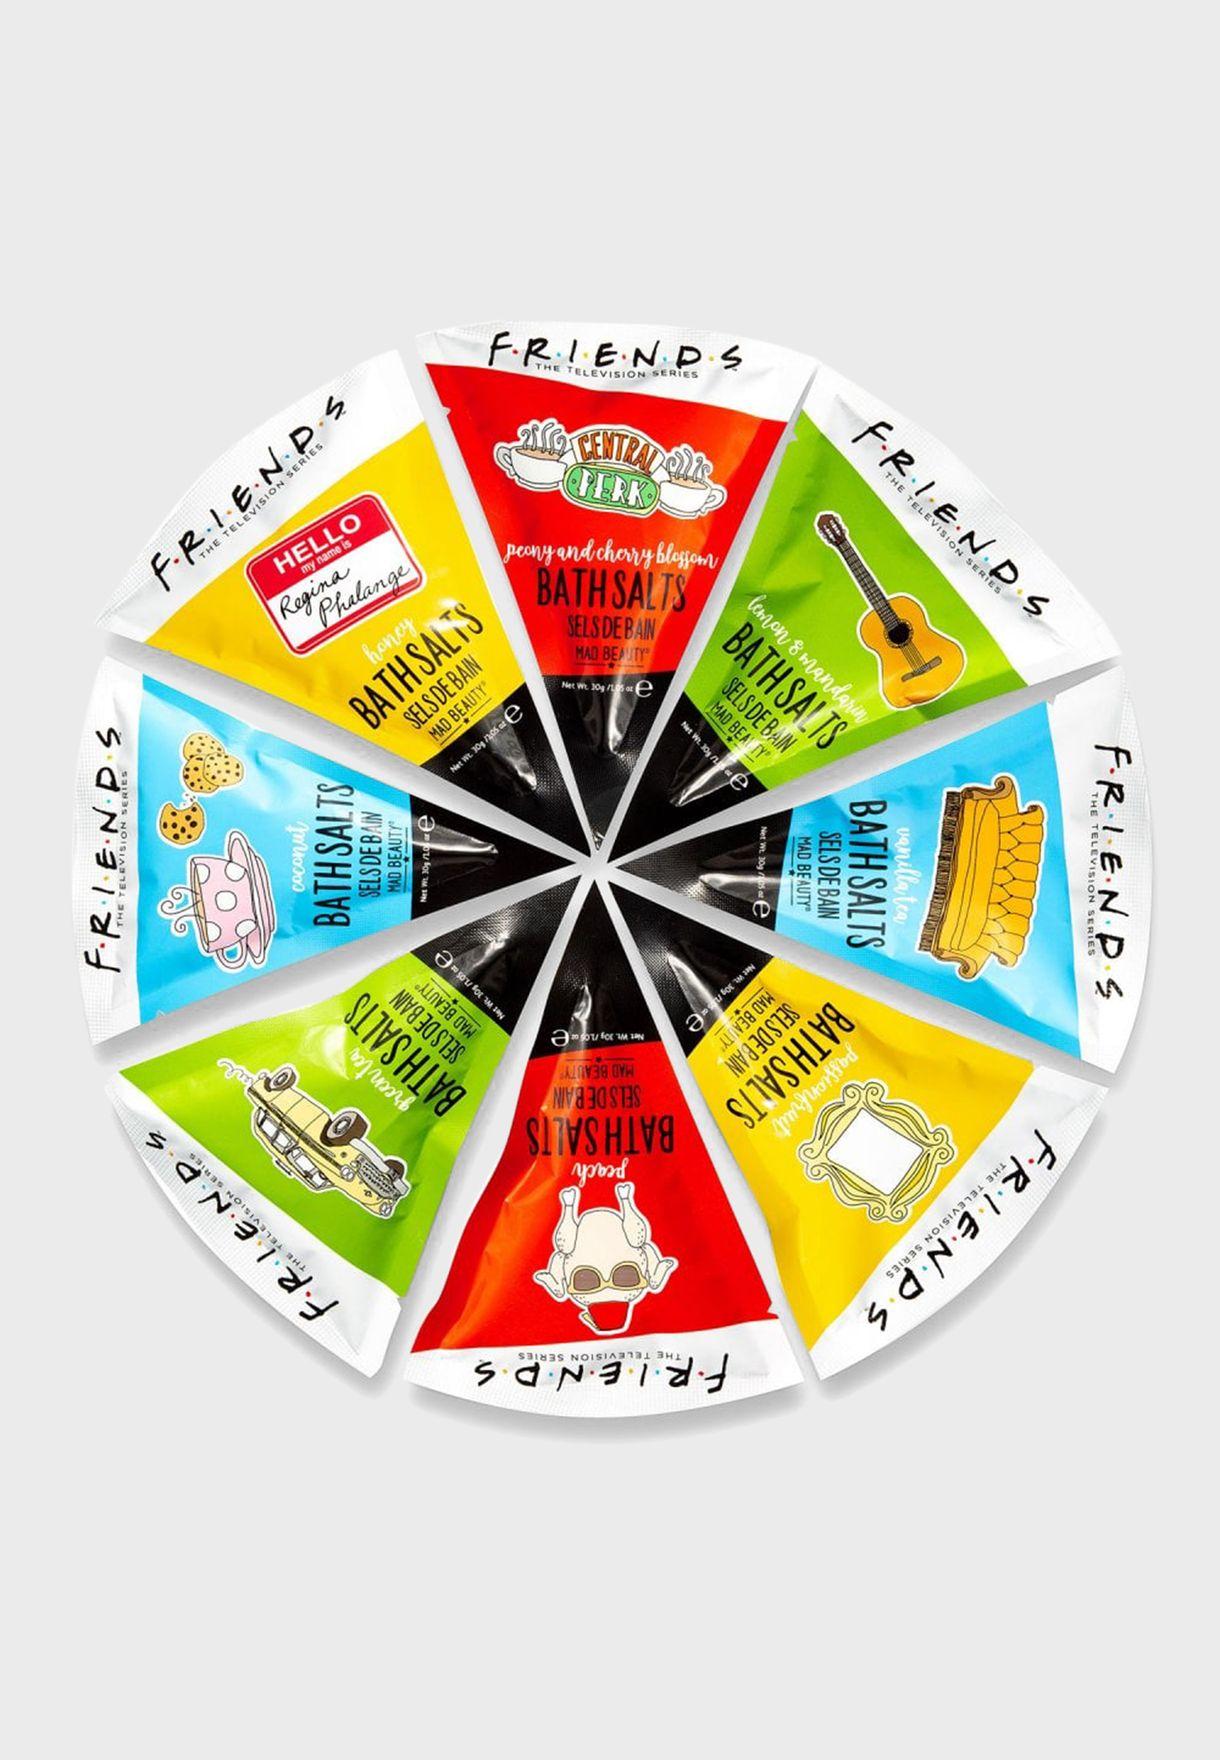 Friends Pizza Bath Salts – 8 pieces